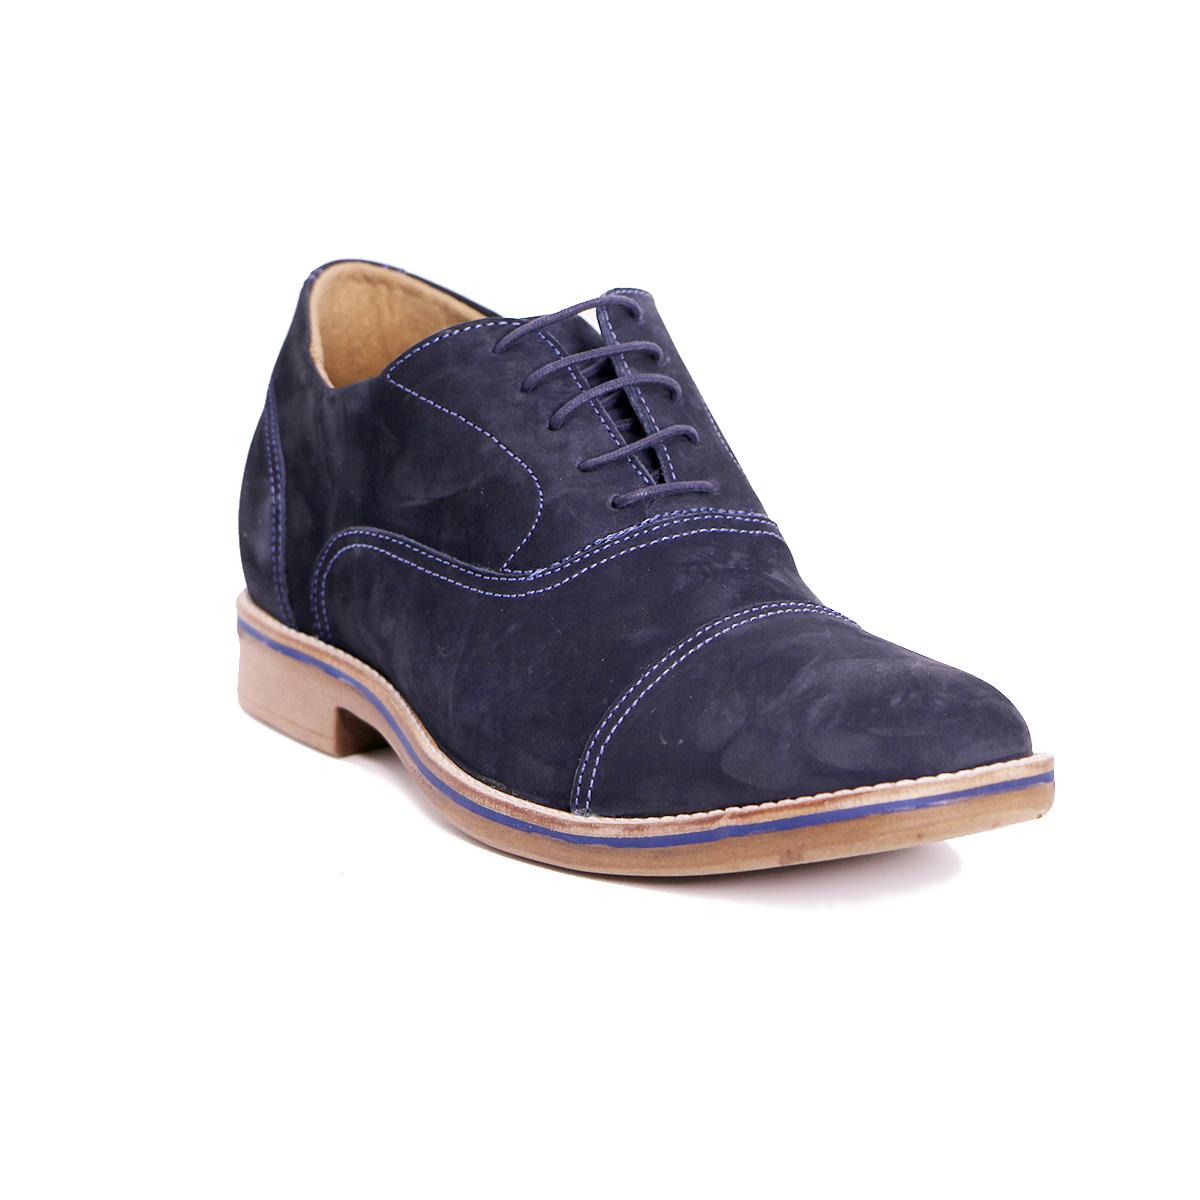 Zapato Casual Hippie Azul Max Denegri +7cms de Altura_72692